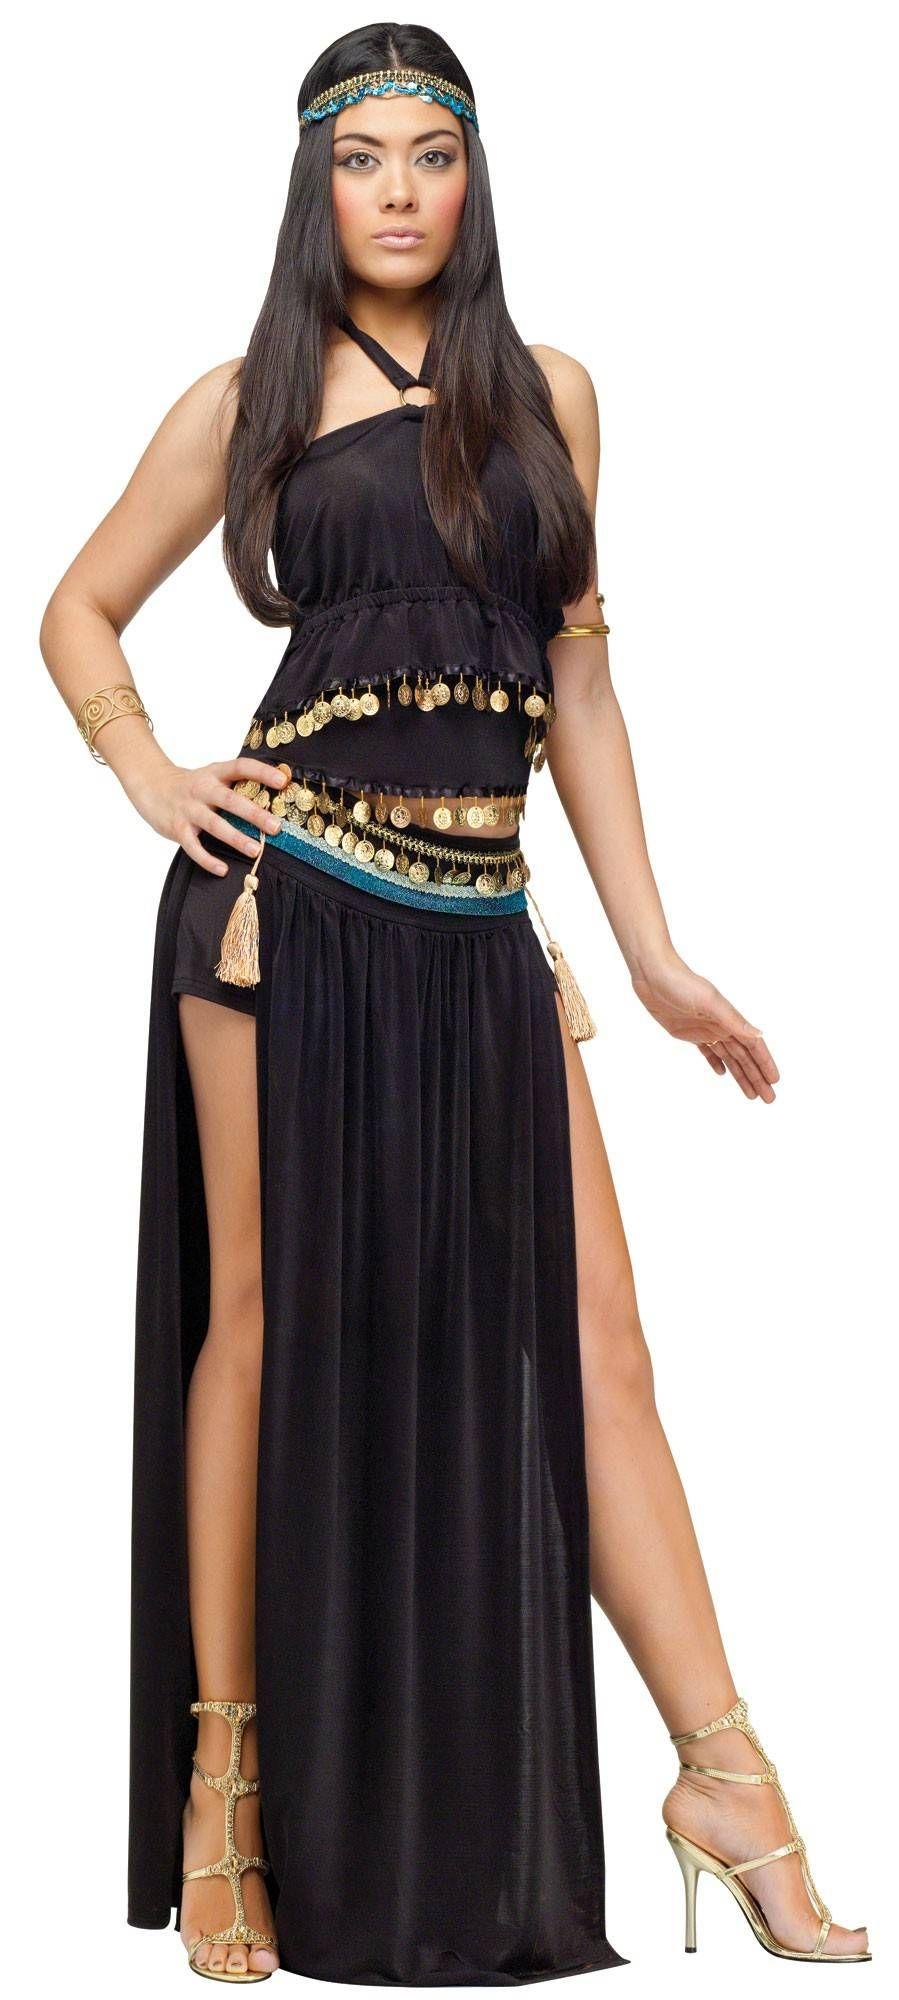 Nile Dancer Adult Costume  1e4a6ff37aab